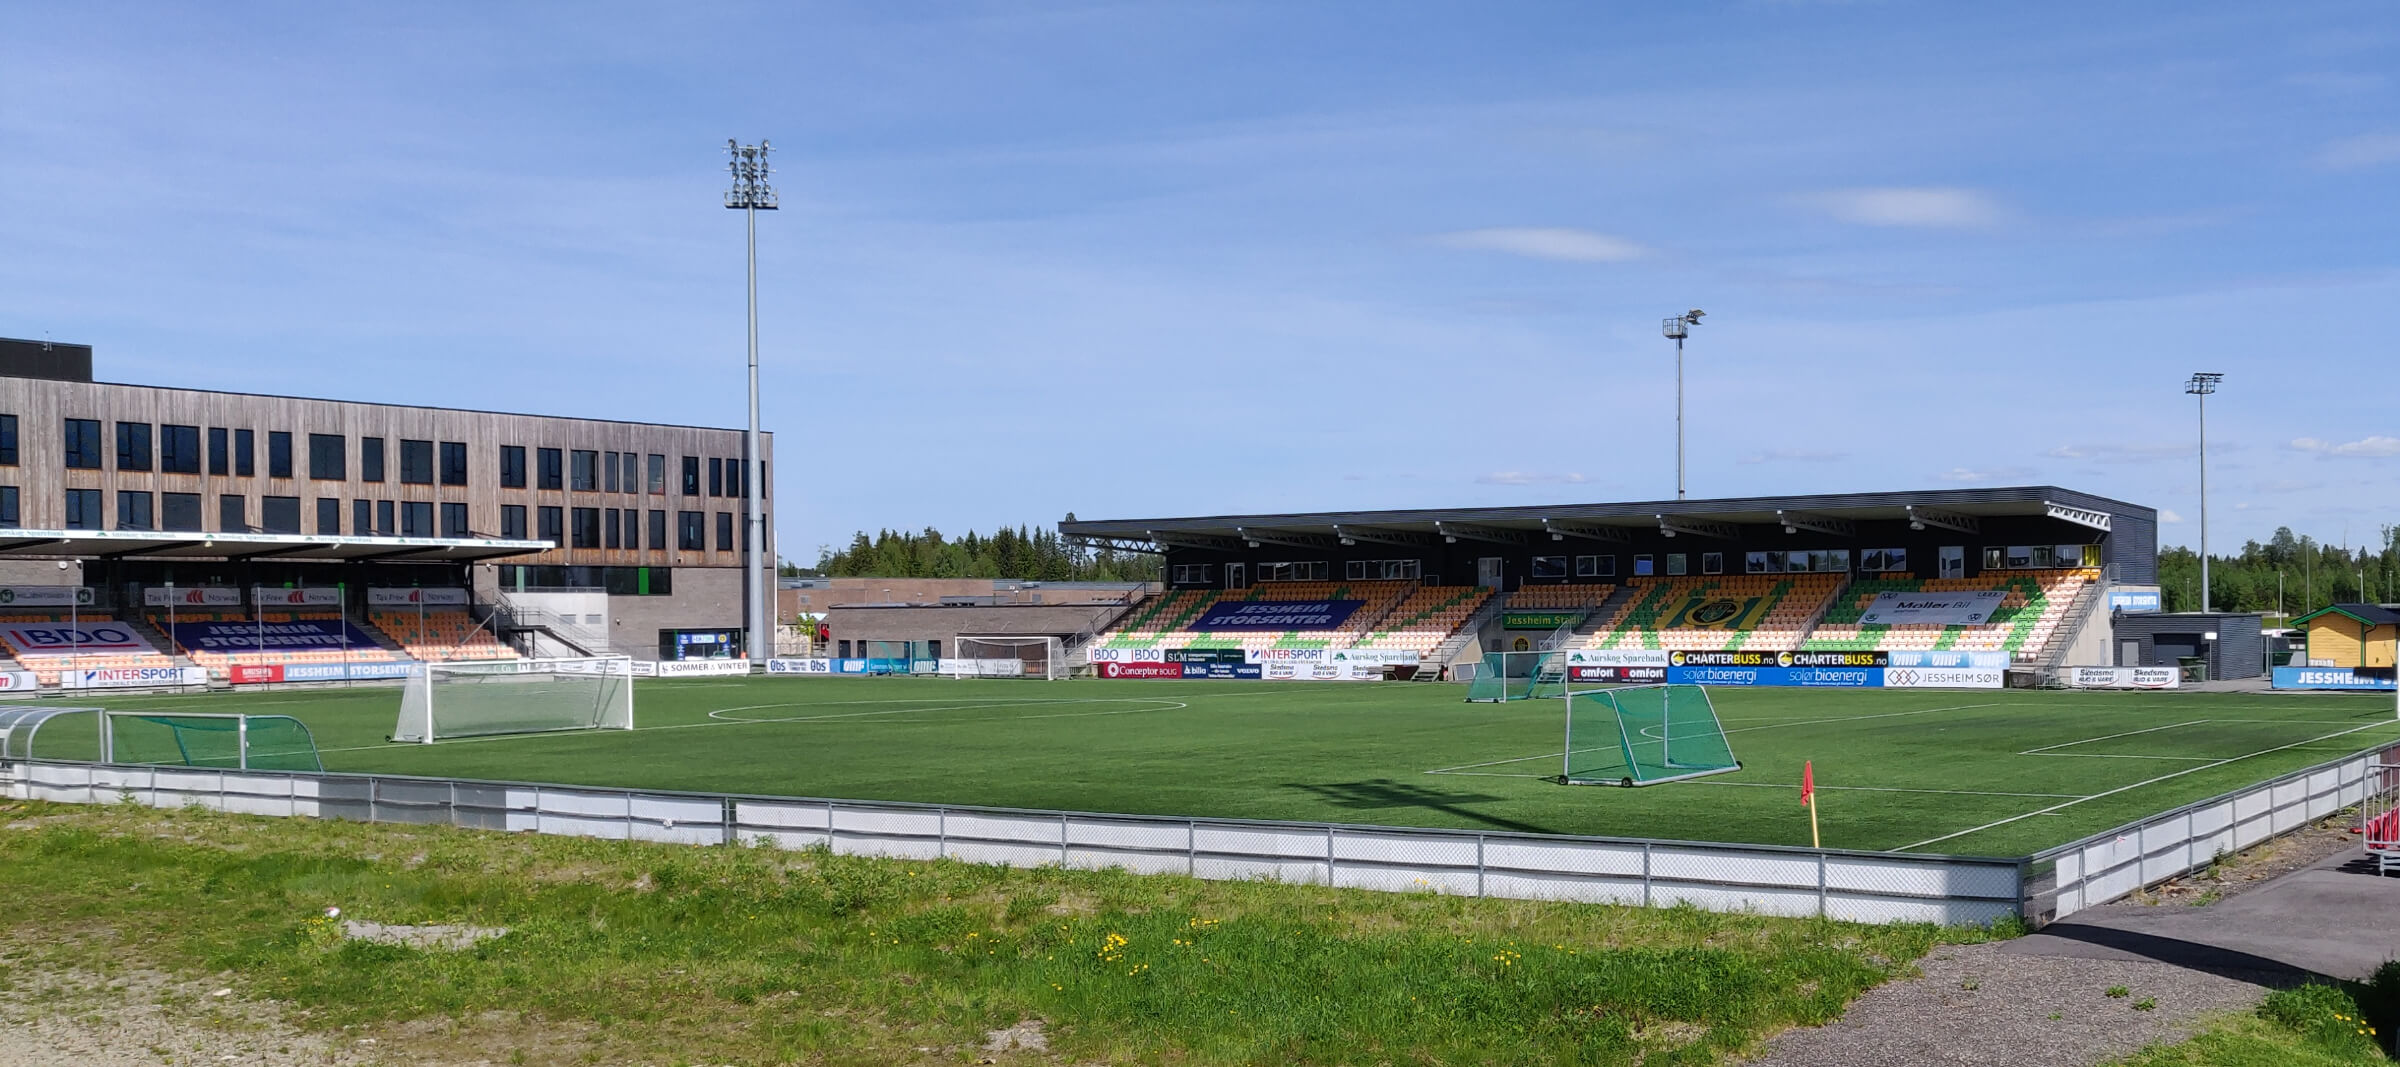 Jessheim Stadion tatt en sommerdag i Juni 2021